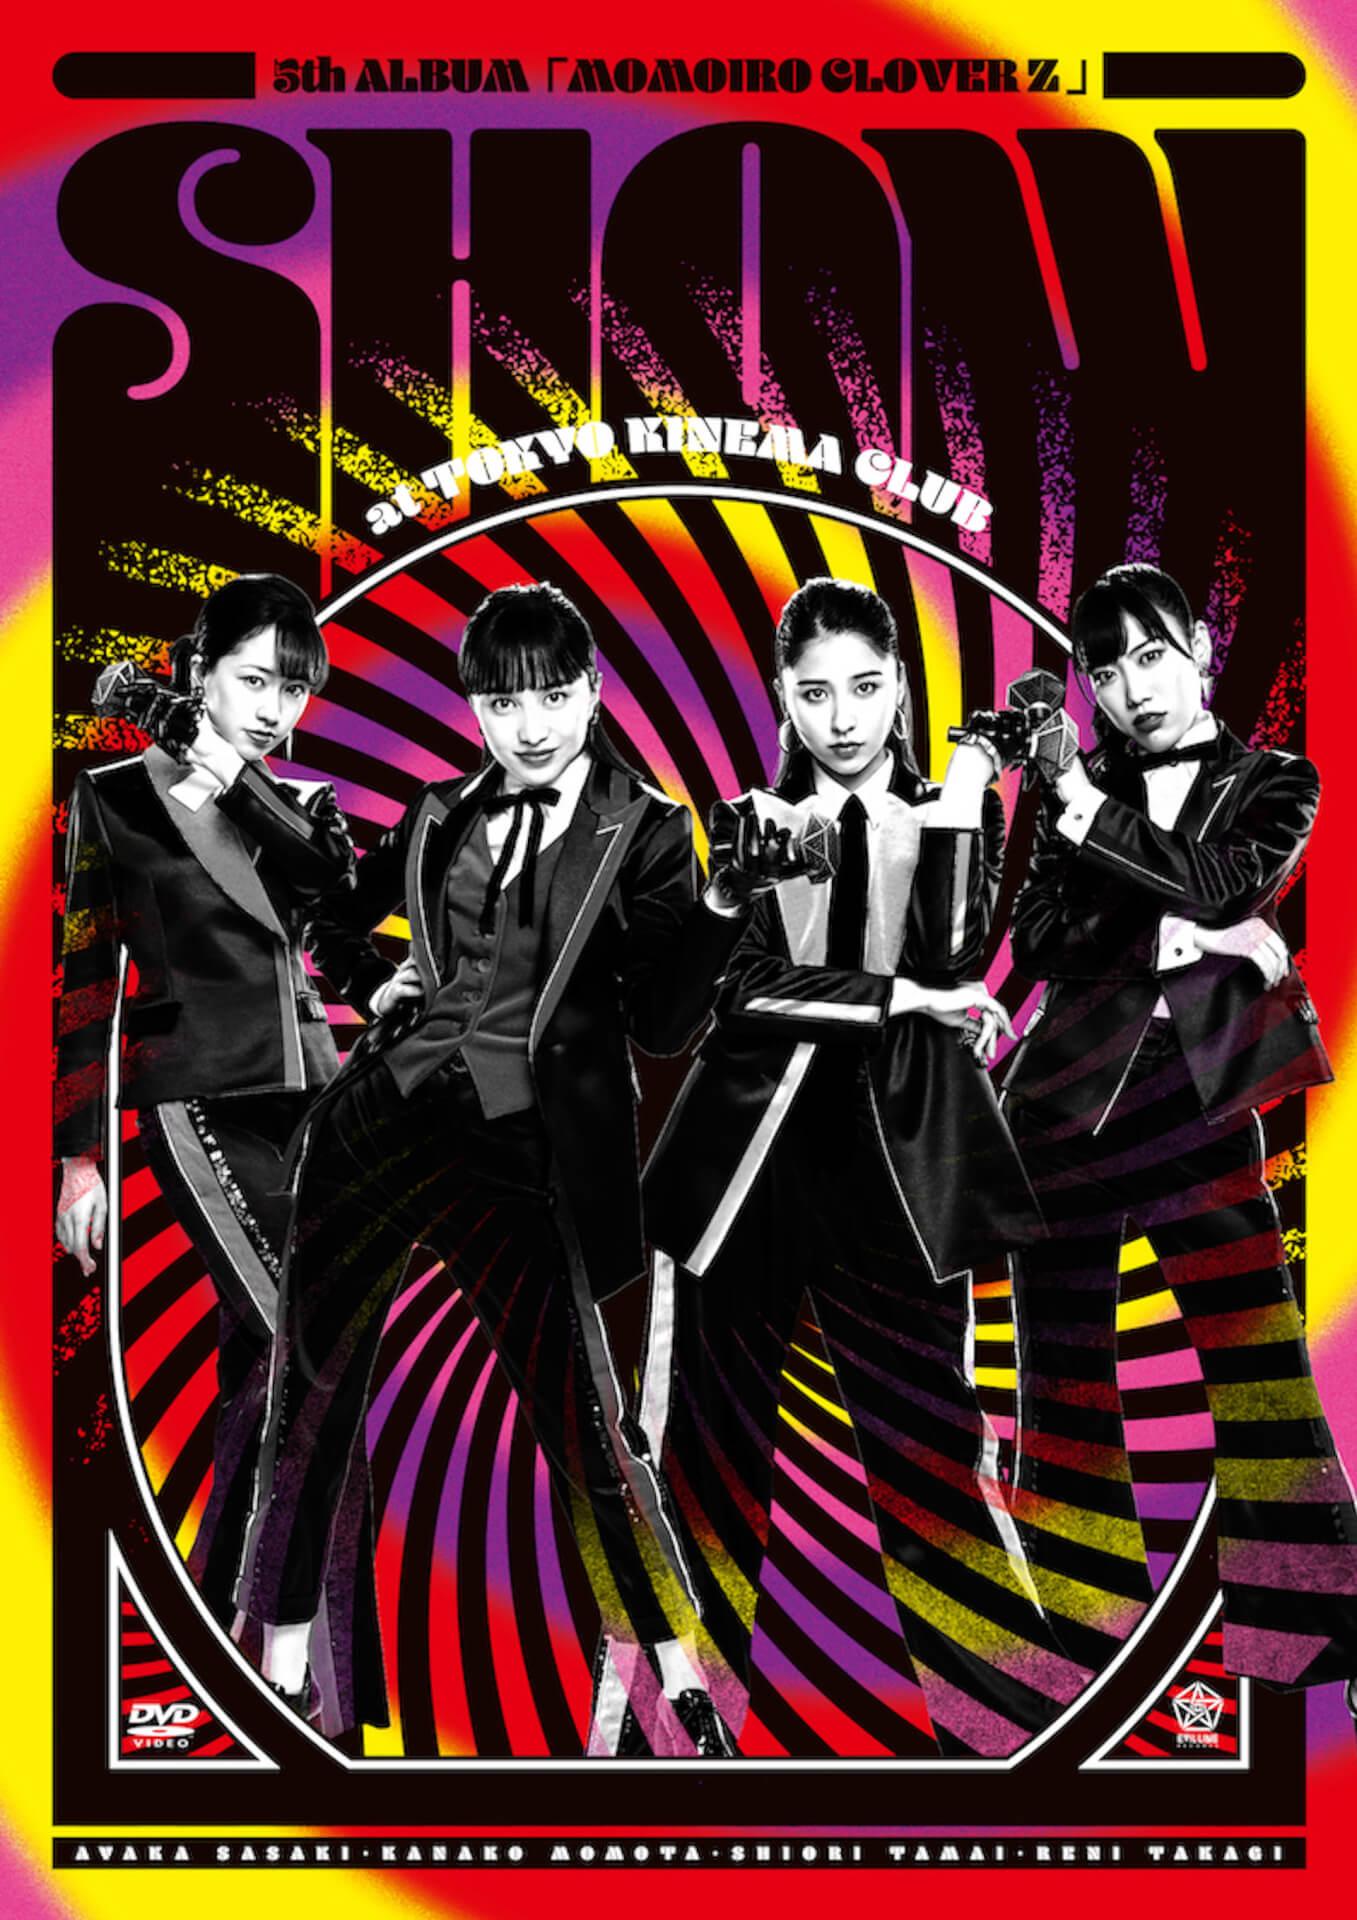 ももいろクローバーZ、東京キネマ倶楽部での公演Blu-ray&DVDと『MOMOIRO CLOVER Z』アナログ盤のジャケット写真公開!応援店特典も解禁 music191202_momokuro_kinema_4